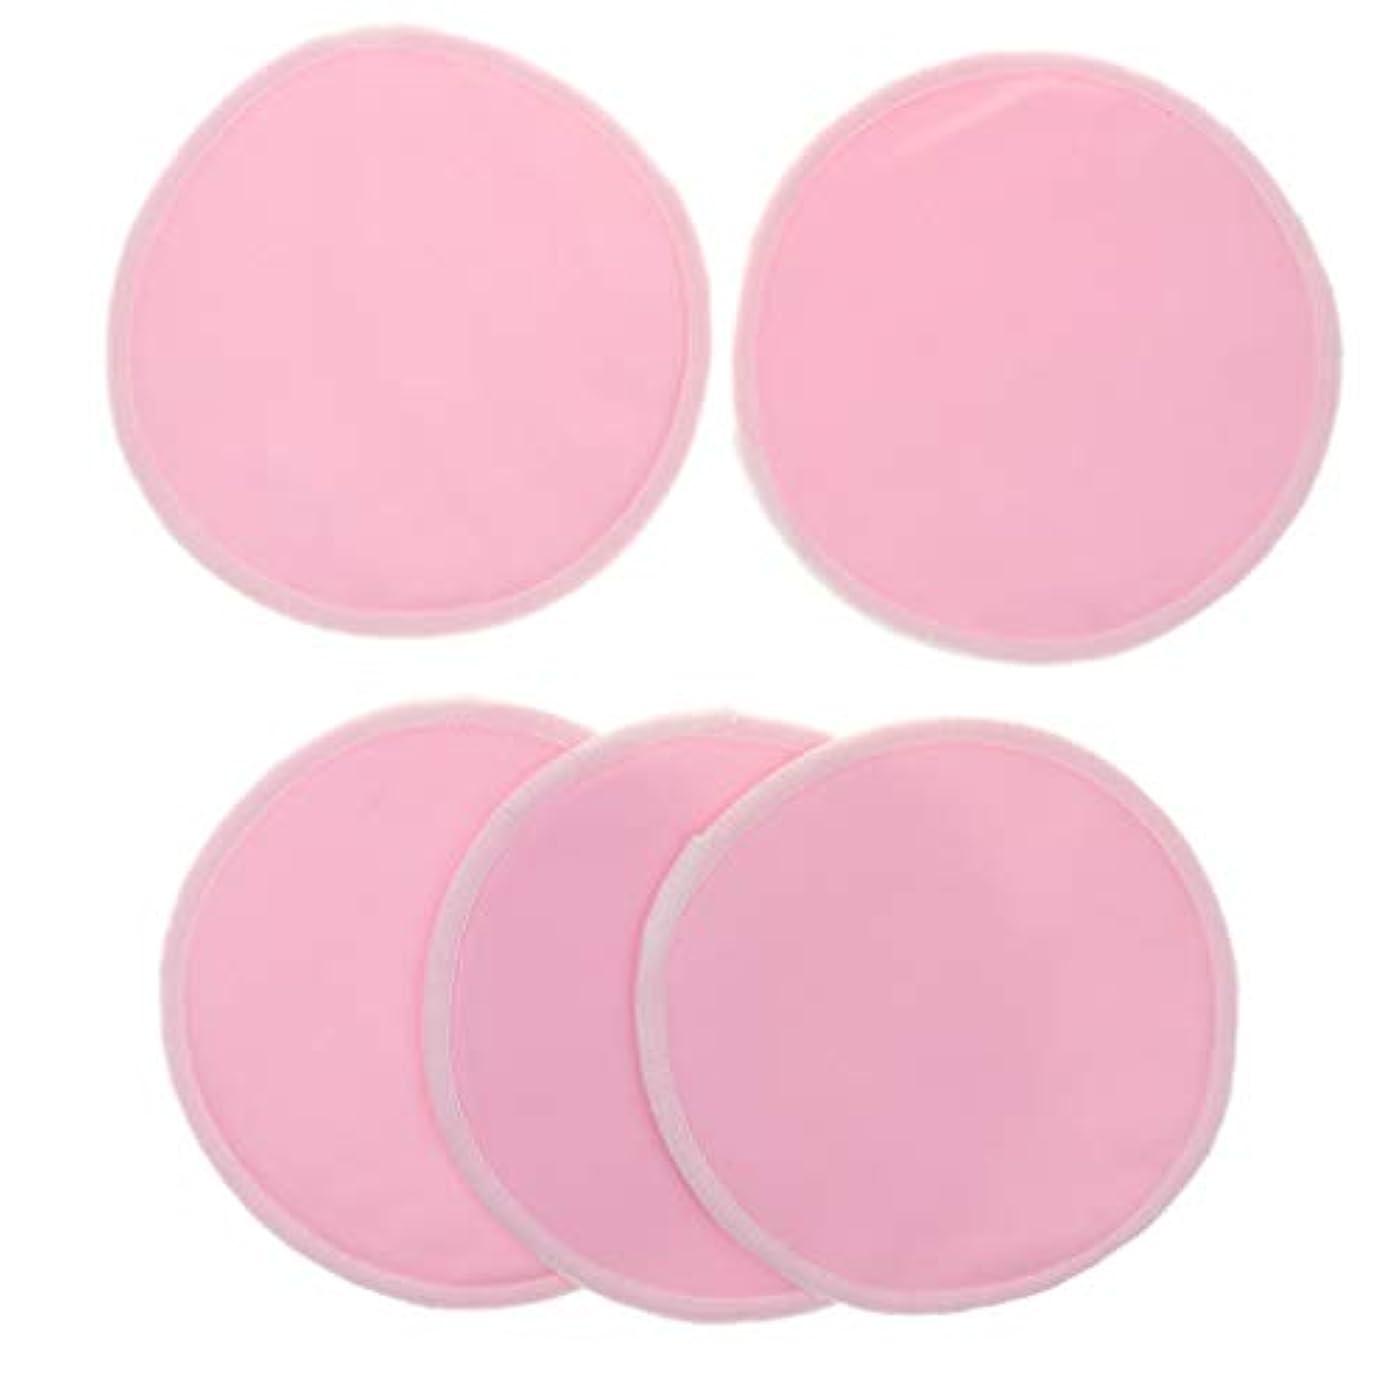 トランジスタ涙が出る相関する12cm 胸パッド クレンジングシート 化粧水パッド 竹繊維 円形 洗える 通気性 5個 全5色 - ピンク